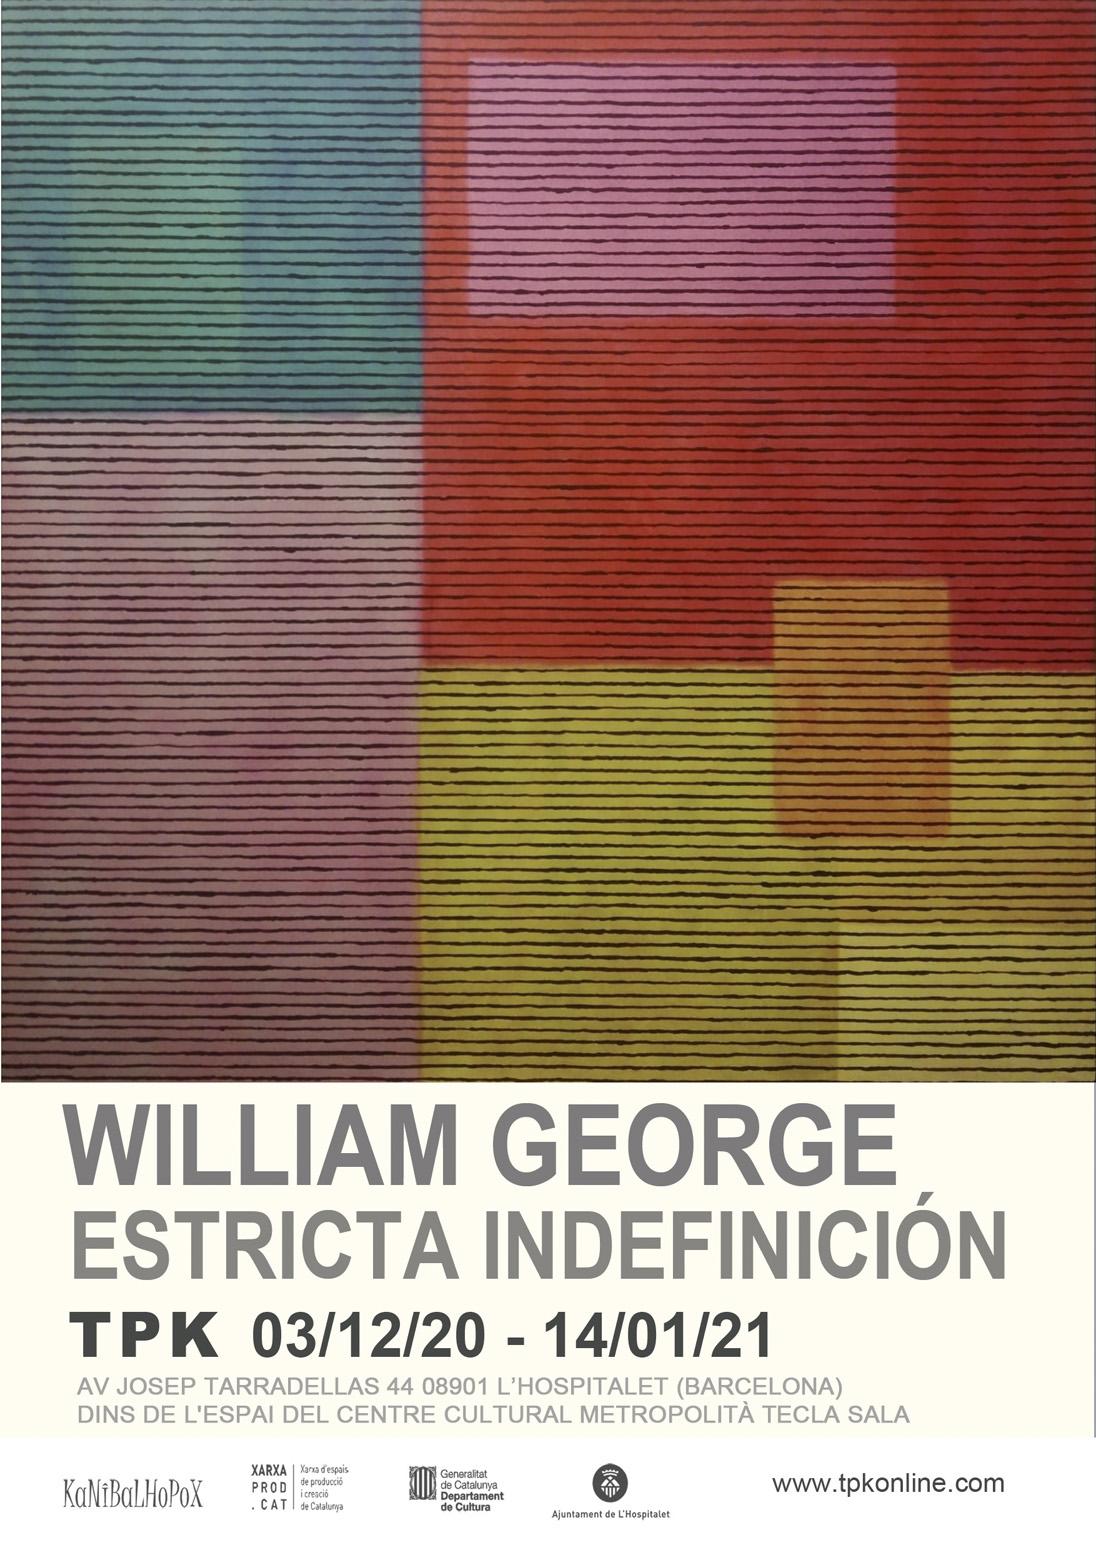 William George - Estricta indefinició